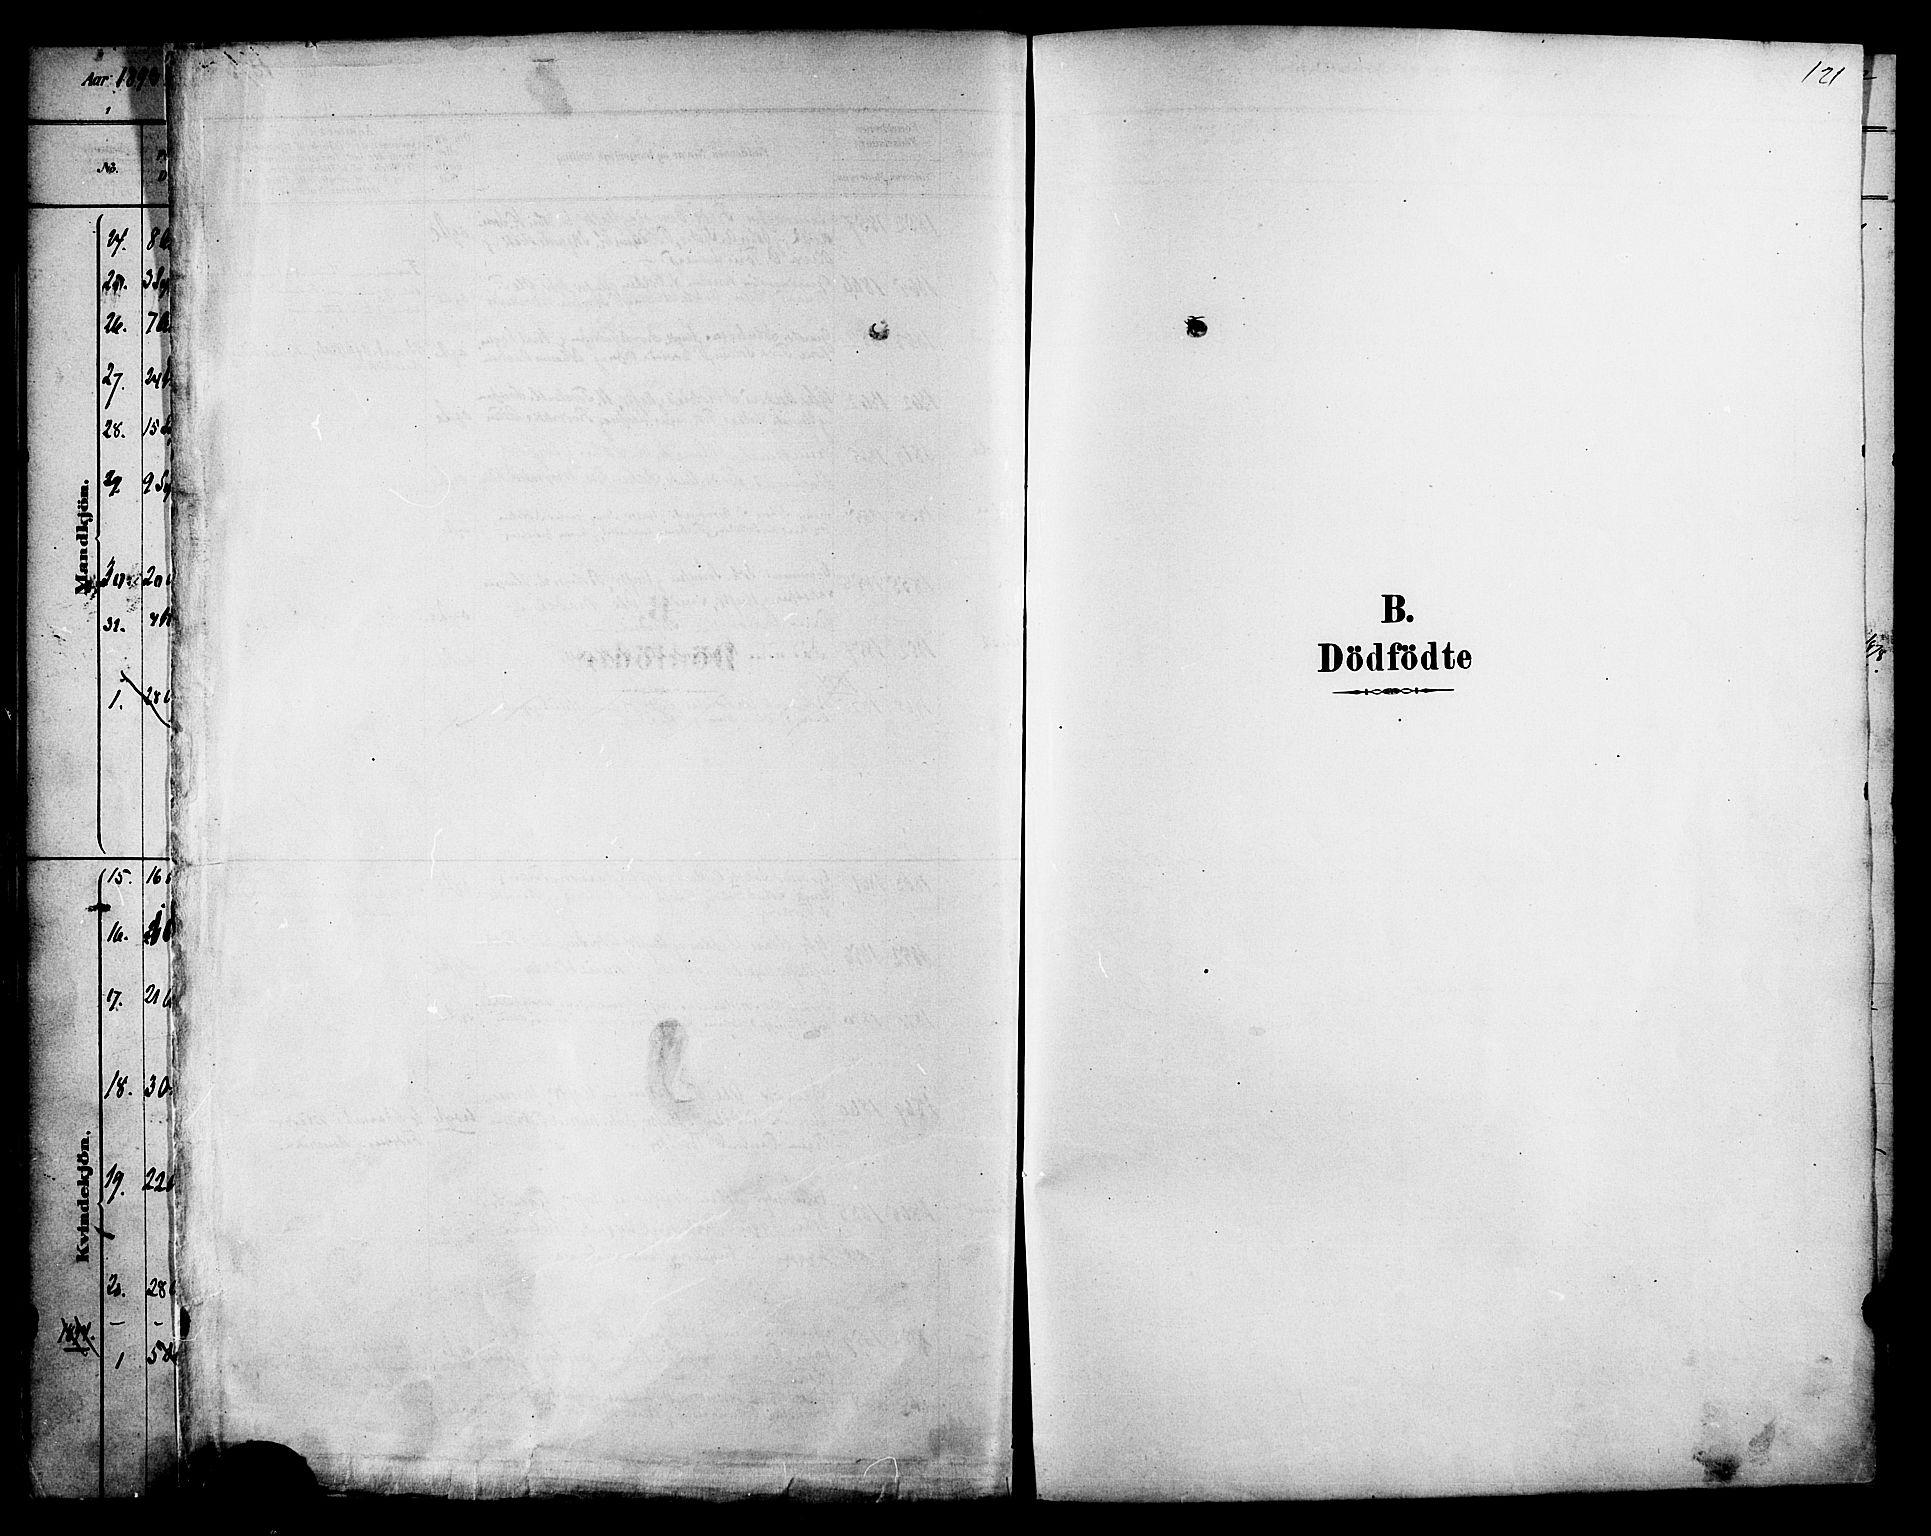 SAT, Ministerialprotokoller, klokkerbøker og fødselsregistre - Sør-Trøndelag, 616/L0410: Ministerialbok nr. 616A07, 1878-1893, s. 121